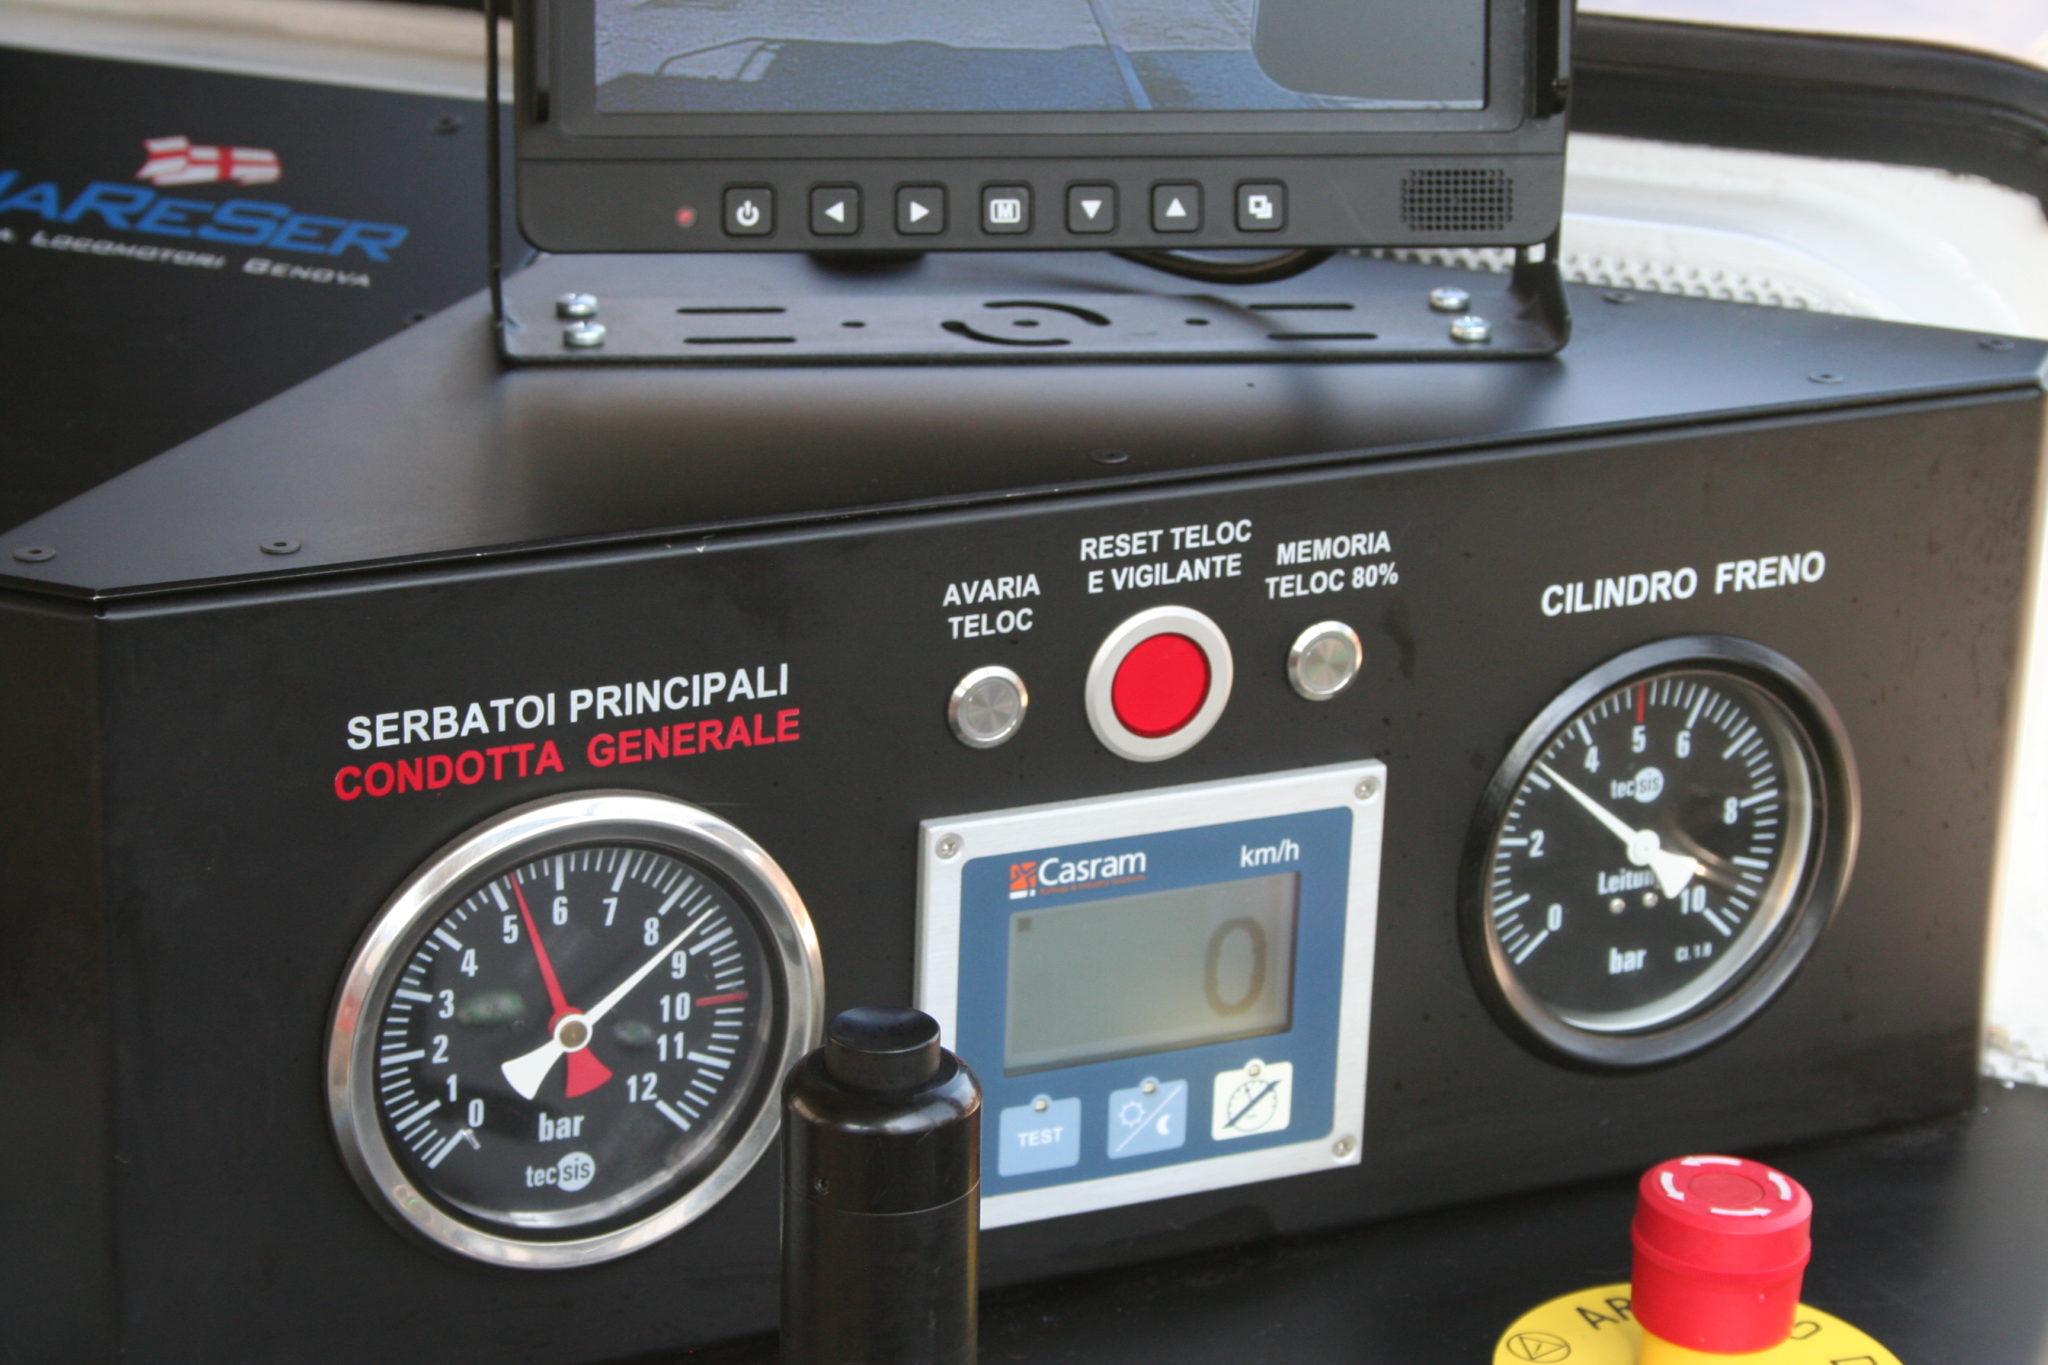 Tachimetria e indicatori pressione condotte serbatoi principali e cilindri freni